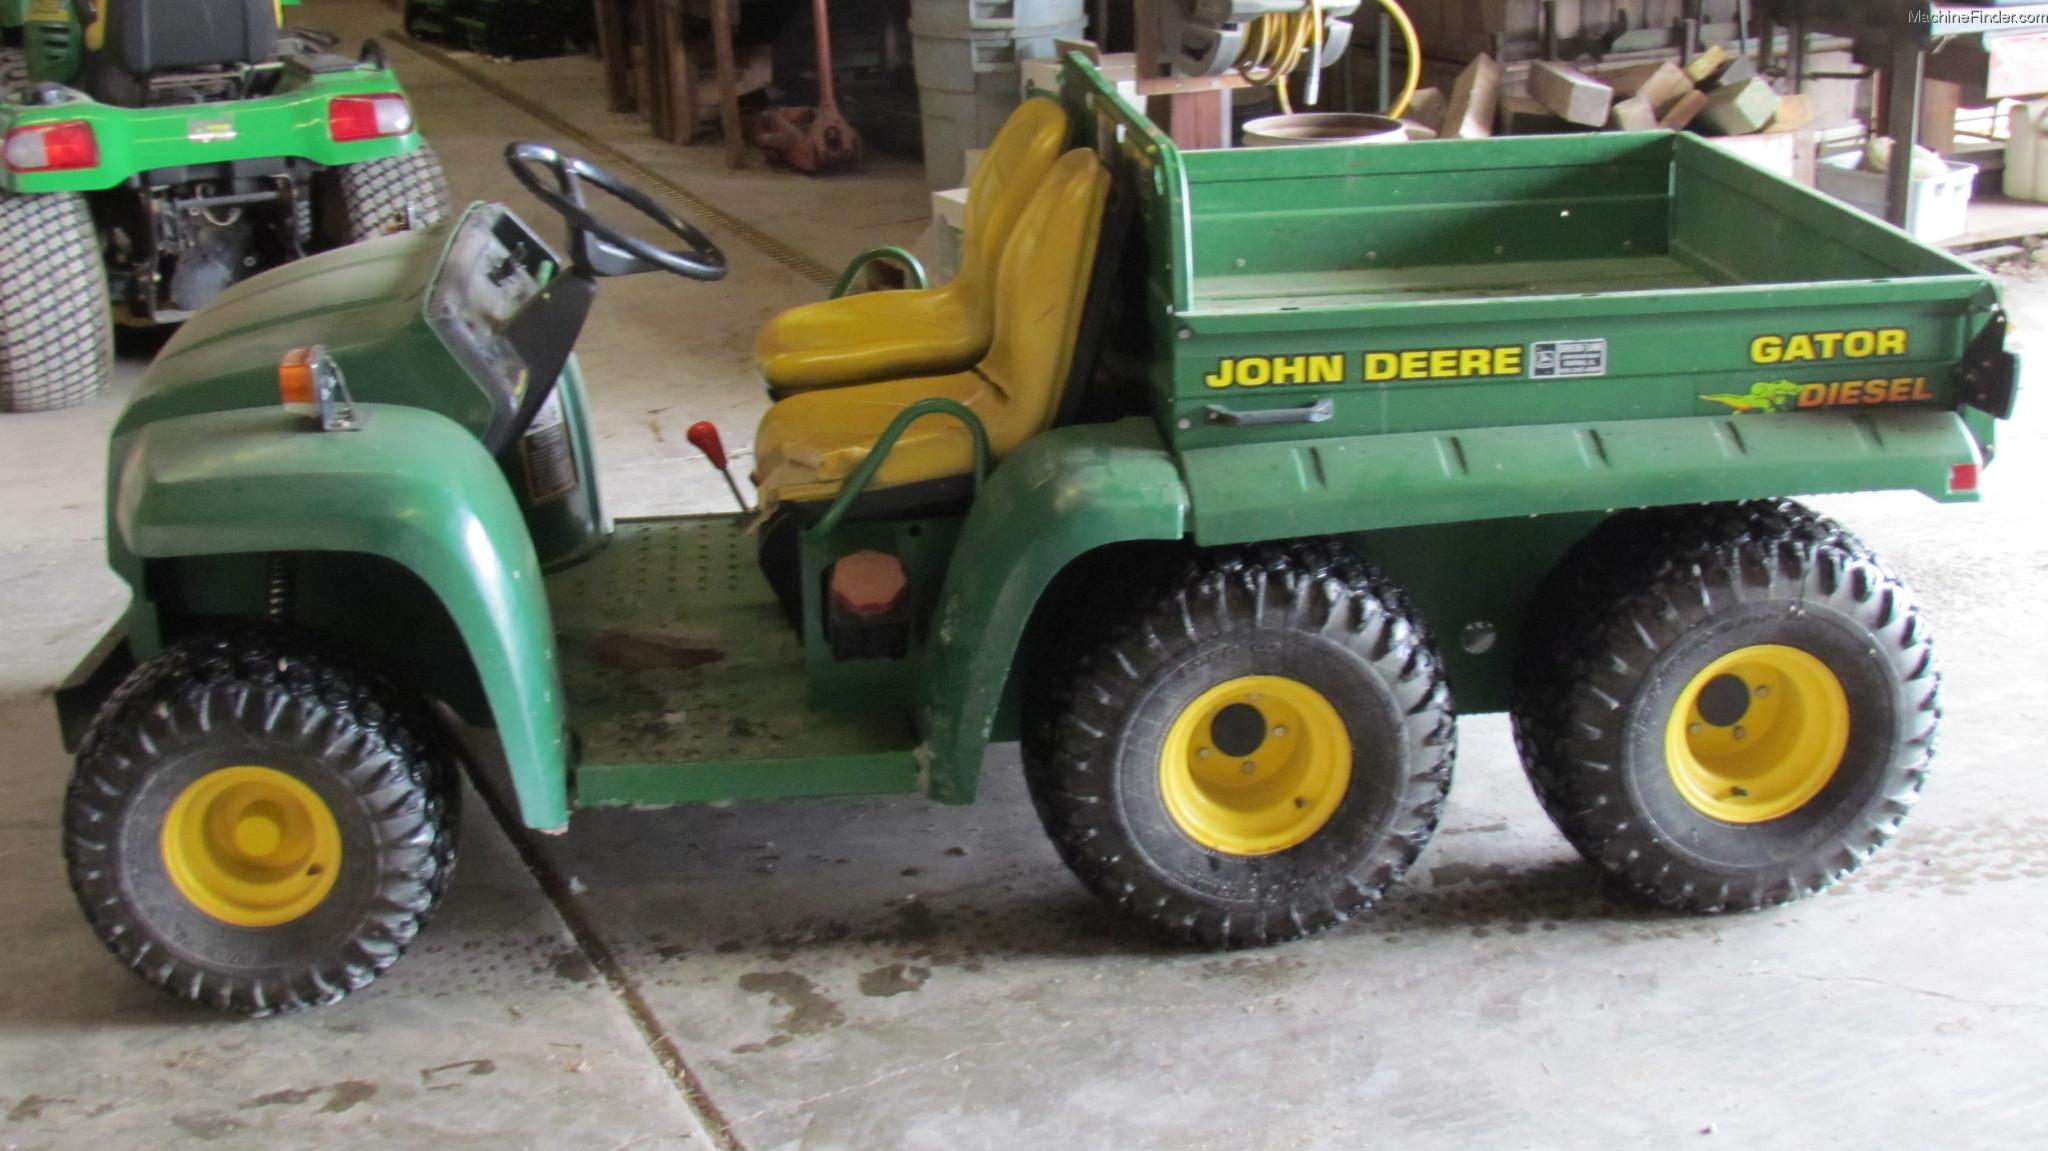 Gallery For > John Deere Gator 6x4 Diesel